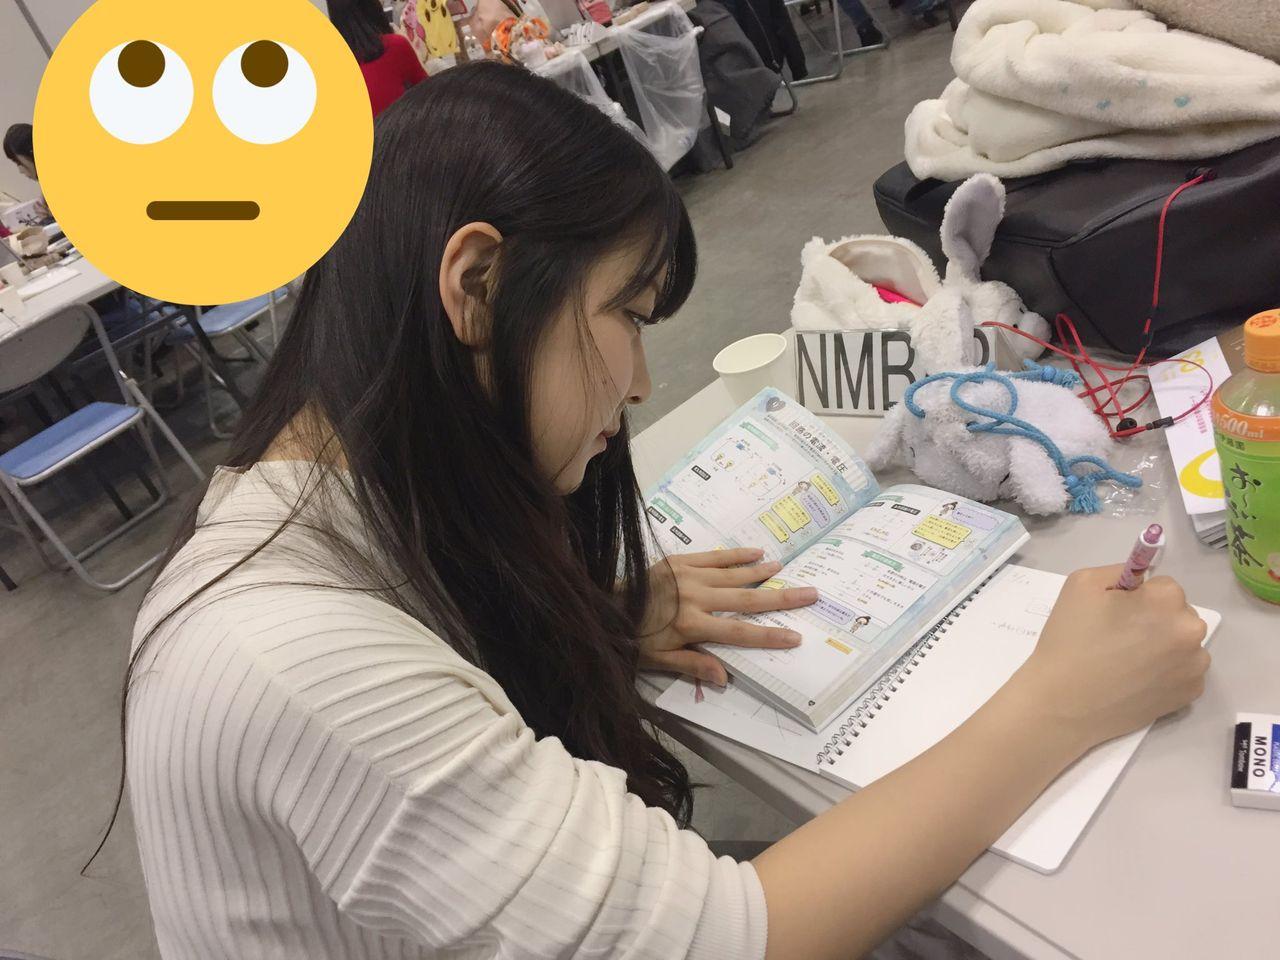 握手会の合間に勉強するリケジョ白間美瑠 @AKB48春祭り